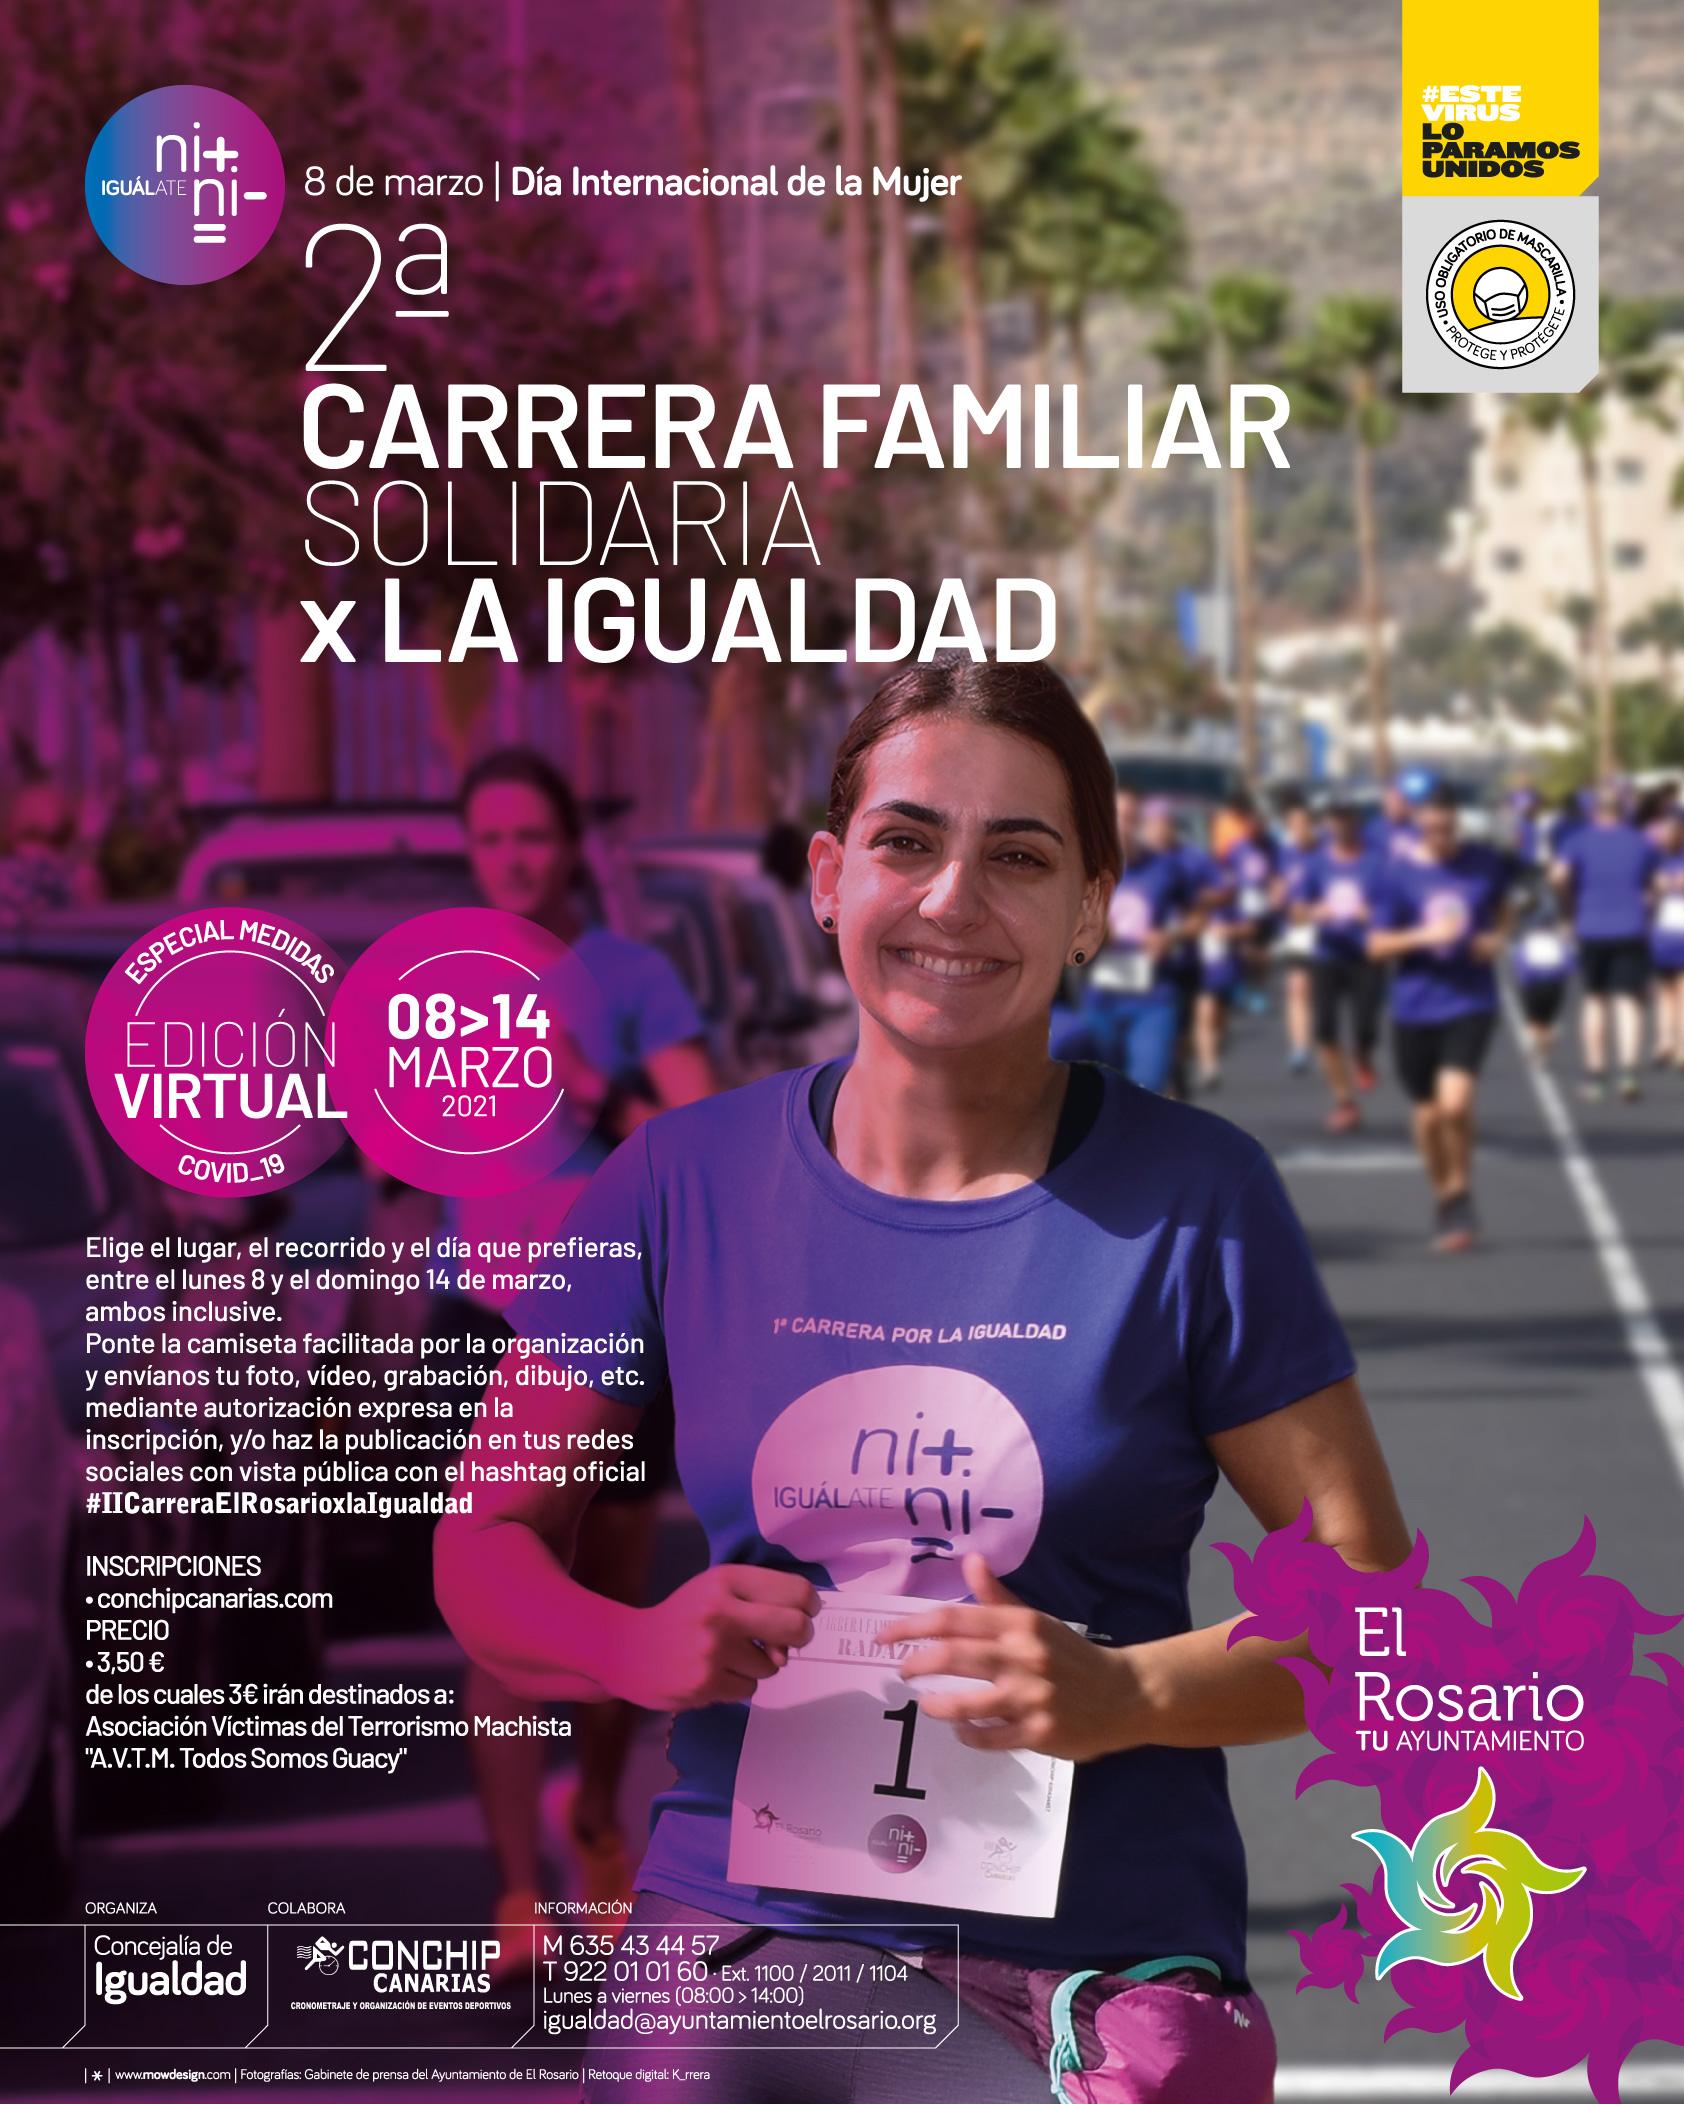 CARRERA_SOLIDARIA_IGUALDAD-20210308-CARTEL_A3-20210217-01af-redes